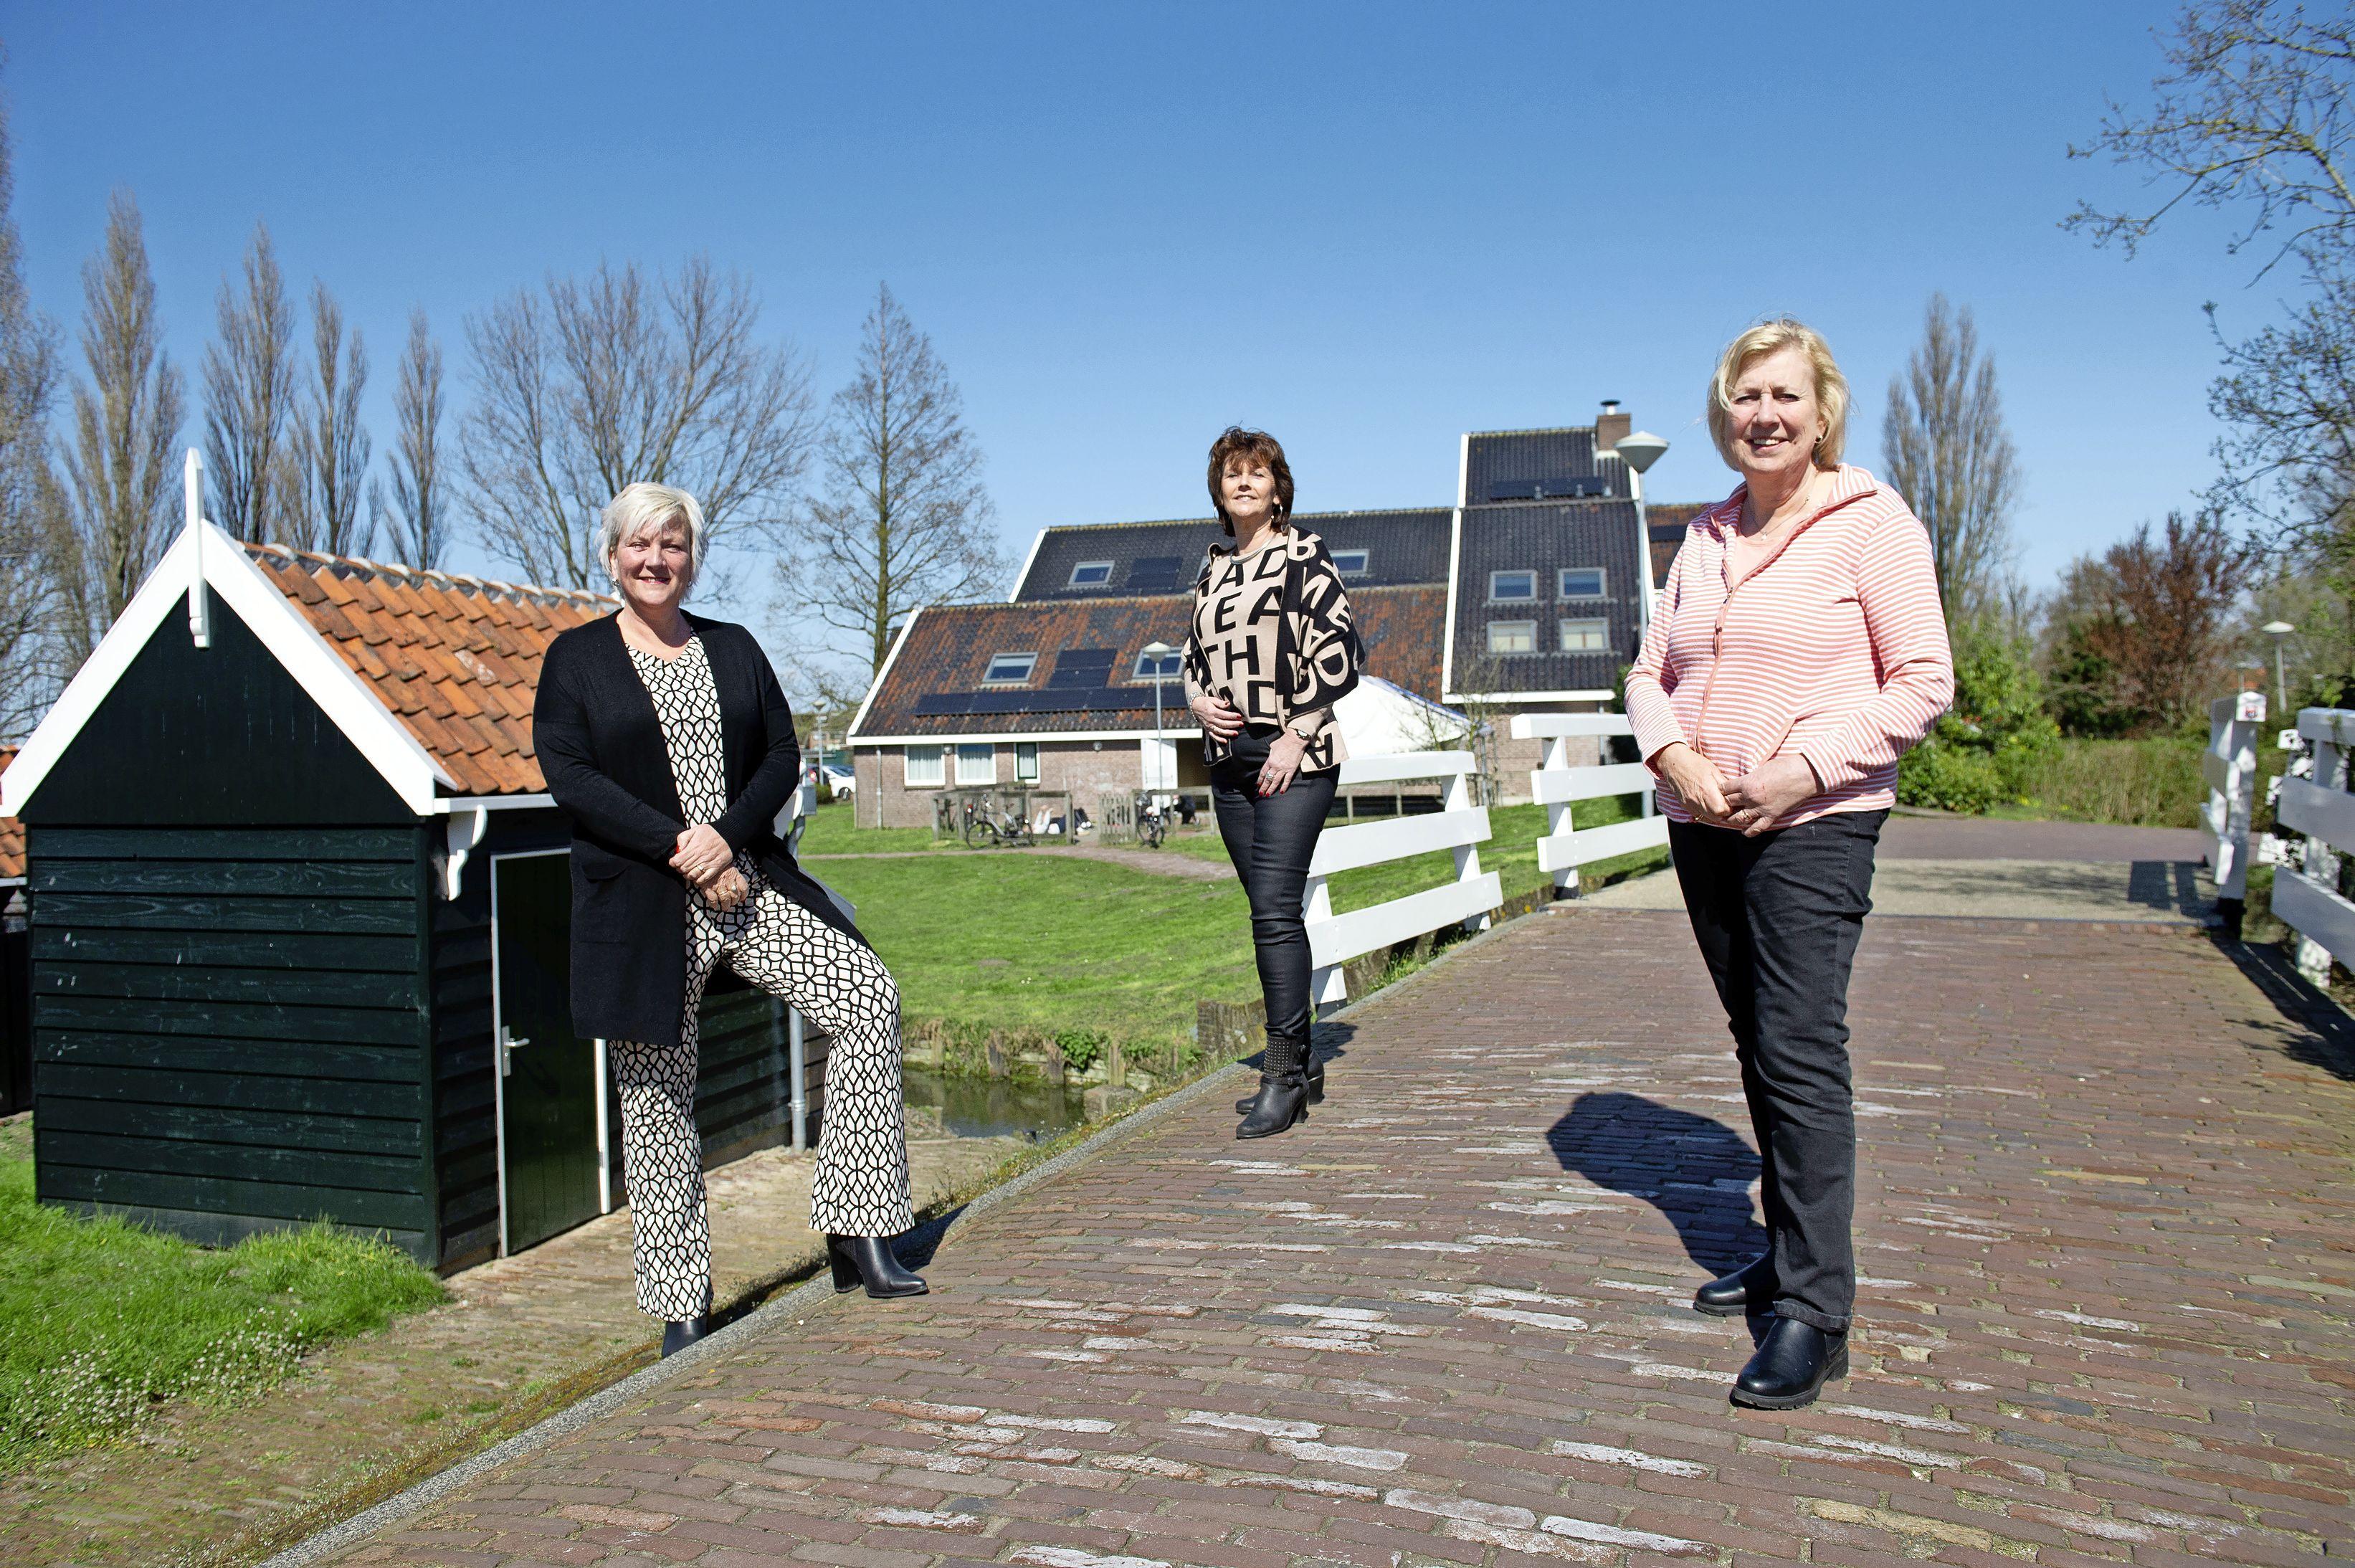 De 'reddende engelen' van het dorpshuis op Marken zwaaien af; 'Na ruim 26 jaar is het tijd voor nieuwe mensen met frisse ideeën'